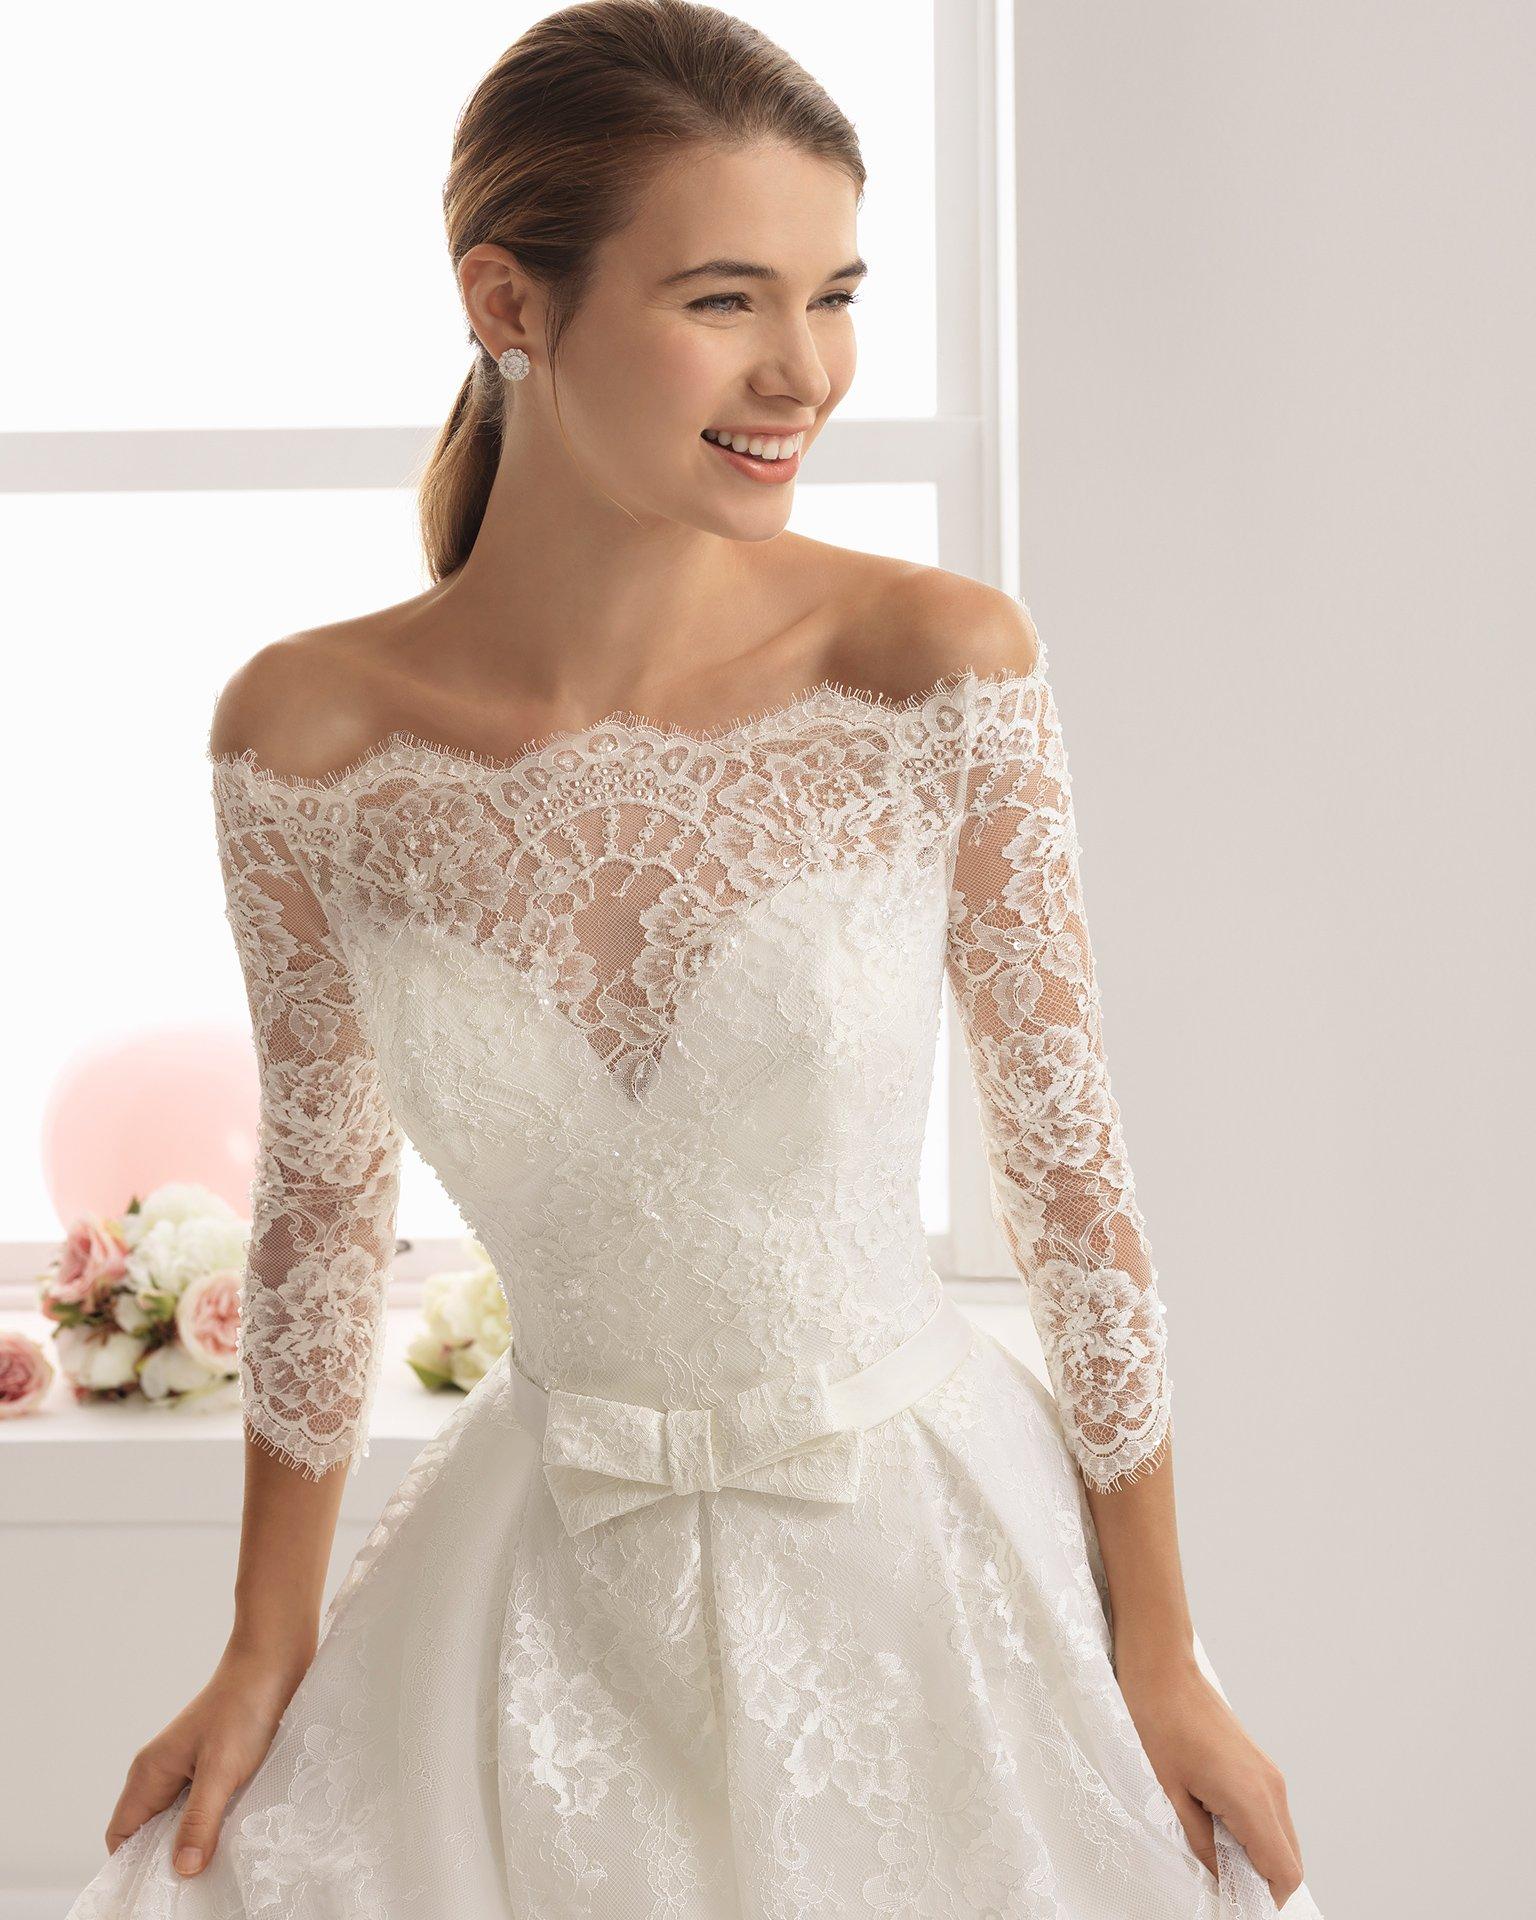 Vestito Sposa Gallarate ~ Negozi abiti da sposa gallarate moda e design  italiani f5d357a0266